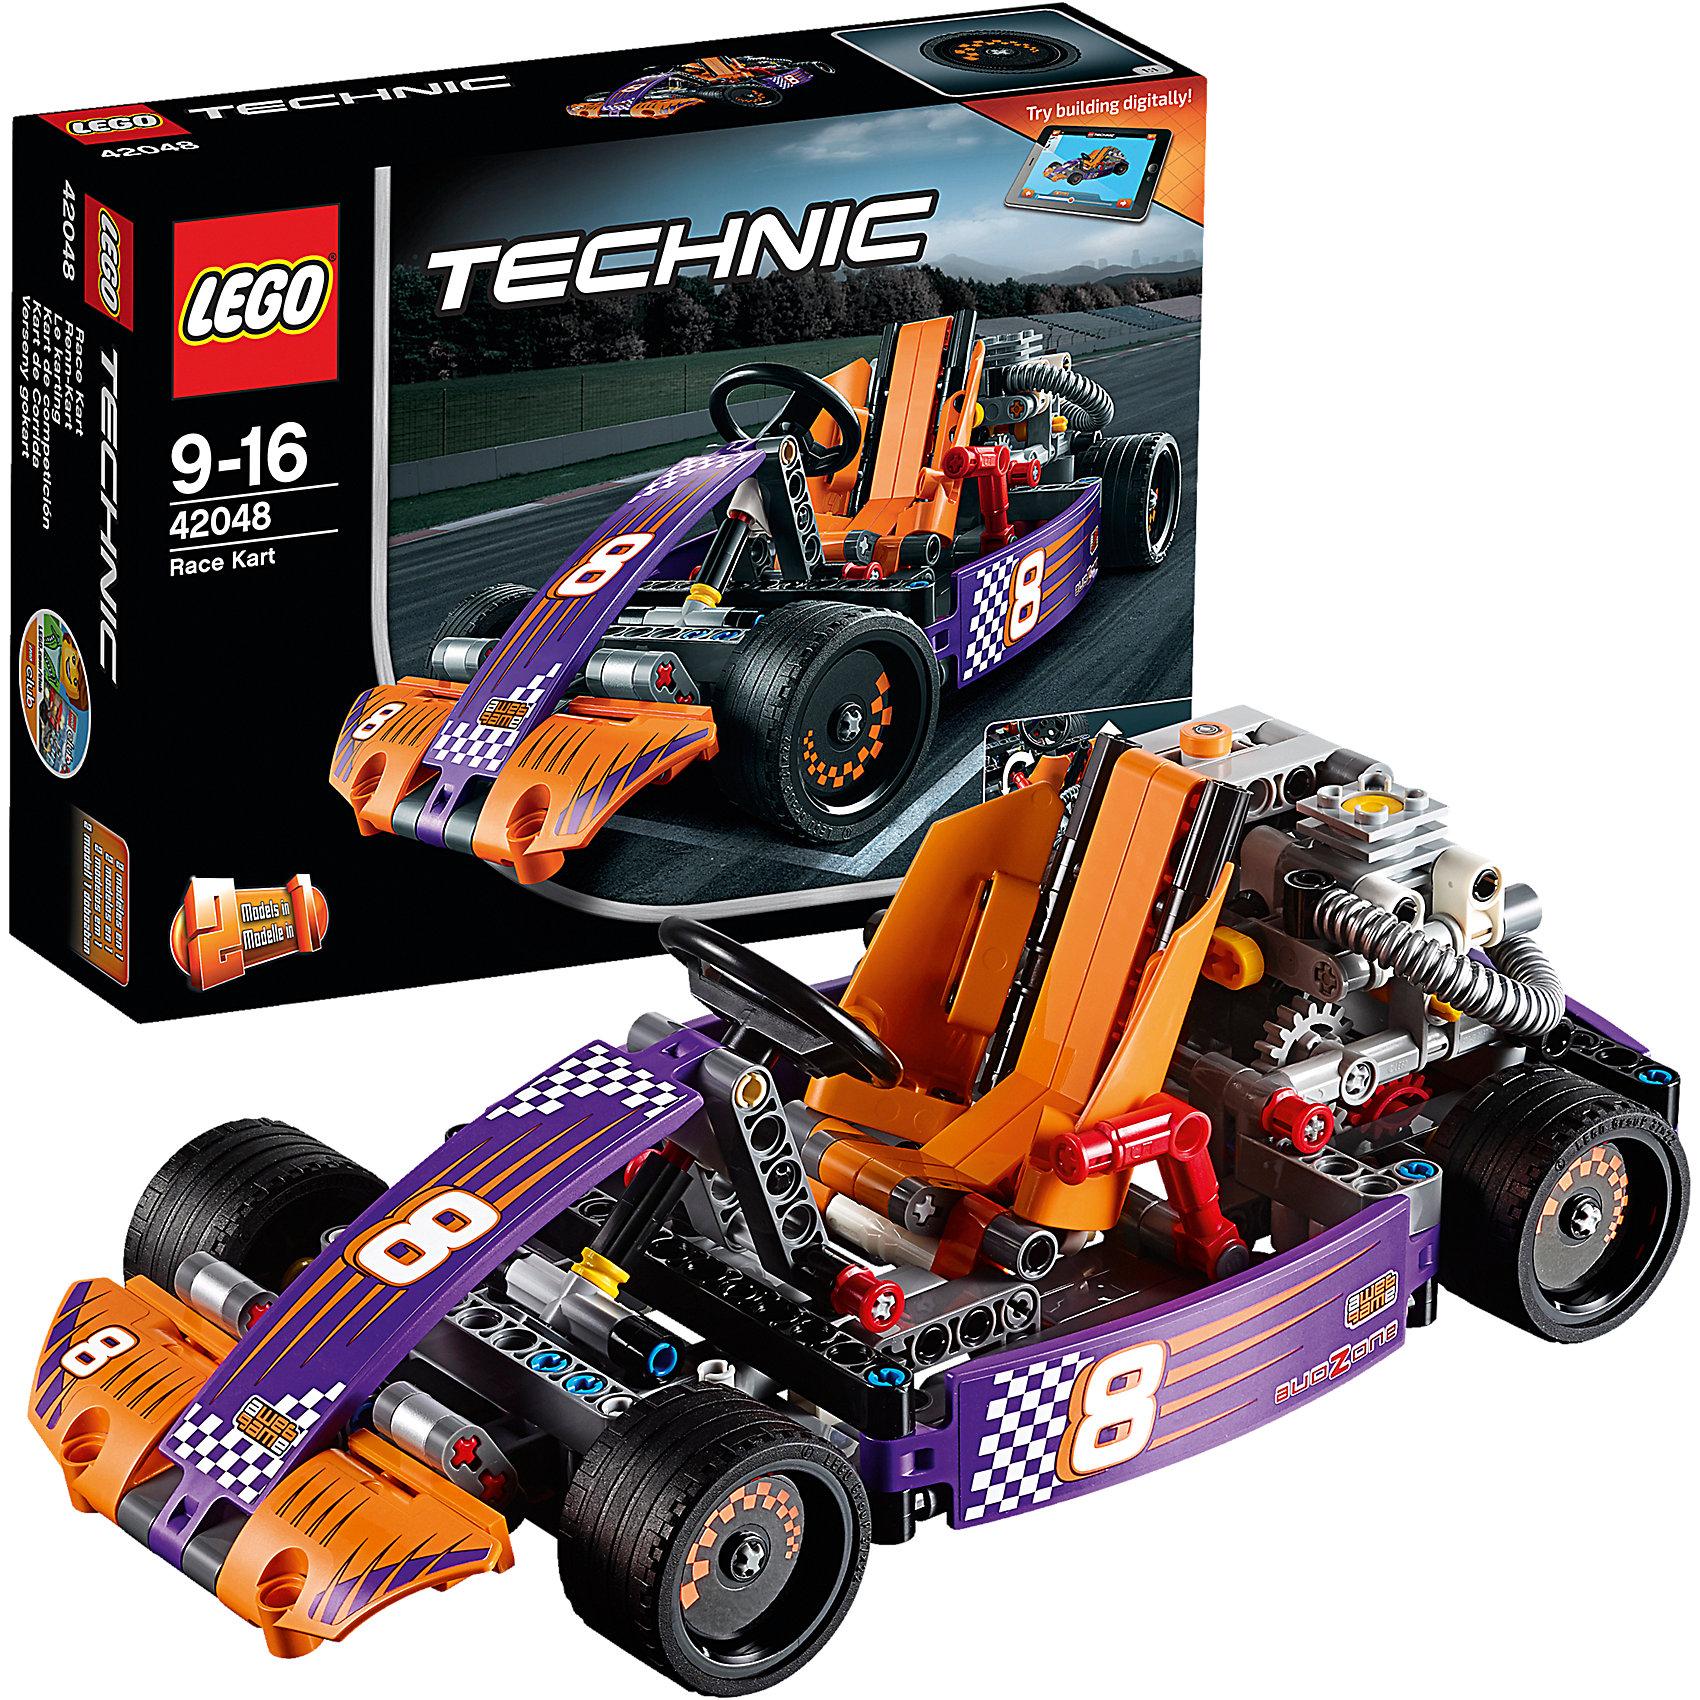 LEGO Technic 42048: Гоночный картПластмассовые конструкторы<br>Мчись по кругу на этой суперкрутой копии реального гоночного карта, оснащённой детализированным двигателем с движущимися поршнями, топливным баком и огромными выхлопными трубами. Наклони обтекаемое оранжевое кресло гонщика, чтобы открыть работающую трансмиссию. Затем забирайся в кабину и проверь на прочность работающий руль, двухскоростную коробку передач и классные педали! Эта ультра-скоростная машина имеет гладкие шины и крутые гоночные наклейки! Перестрой её в мощный автомобиль для трека. Доступно интерактивное интернет-приложение с цифровыми 3D-инструкциями по сборке LEGO для обеих моделей.<br><br>LEGO Technic  (Лего Техник) - серия конструкторов, позволяющая собрать функциональные, подробные, прекрасно детализированные, имеющие множество подвижных узлов, транспортные средства. В этой серии найдется техника на любой вкус: тракторы и экскаваторы, внедорожники и квадроциклы, самосвалы и гоночные автомобили. Даже самые простые из конструкторов lego technic дают вашему ребенку представление о том, как устроены машины, помогают развить моторику, мышление и умение работать по инструкции. <br><br>Дополнительная информация:<br><br>- Конструкторы ЛЕГО развивают усидчивость, внимание, фантазию и мелкую моторику. <br>- Комплектация: автомобиль.<br>- Количество деталей: 345.<br>- Серия LEGO Technic  (Лего Техник).<br>- Материал: пластик.<br>- Размер упаковки: 26х7х19 см.<br>- Вес: 0.52 кг.<br><br>LEGO Technic 42048: Гоночный карт можно купить в нашем магазине.<br><br>Ширина мм: 265<br>Глубина мм: 192<br>Высота мм: 76<br>Вес г: 557<br>Возраст от месяцев: 108<br>Возраст до месяцев: 192<br>Пол: Мужской<br>Возраст: Детский<br>SKU: 4259021